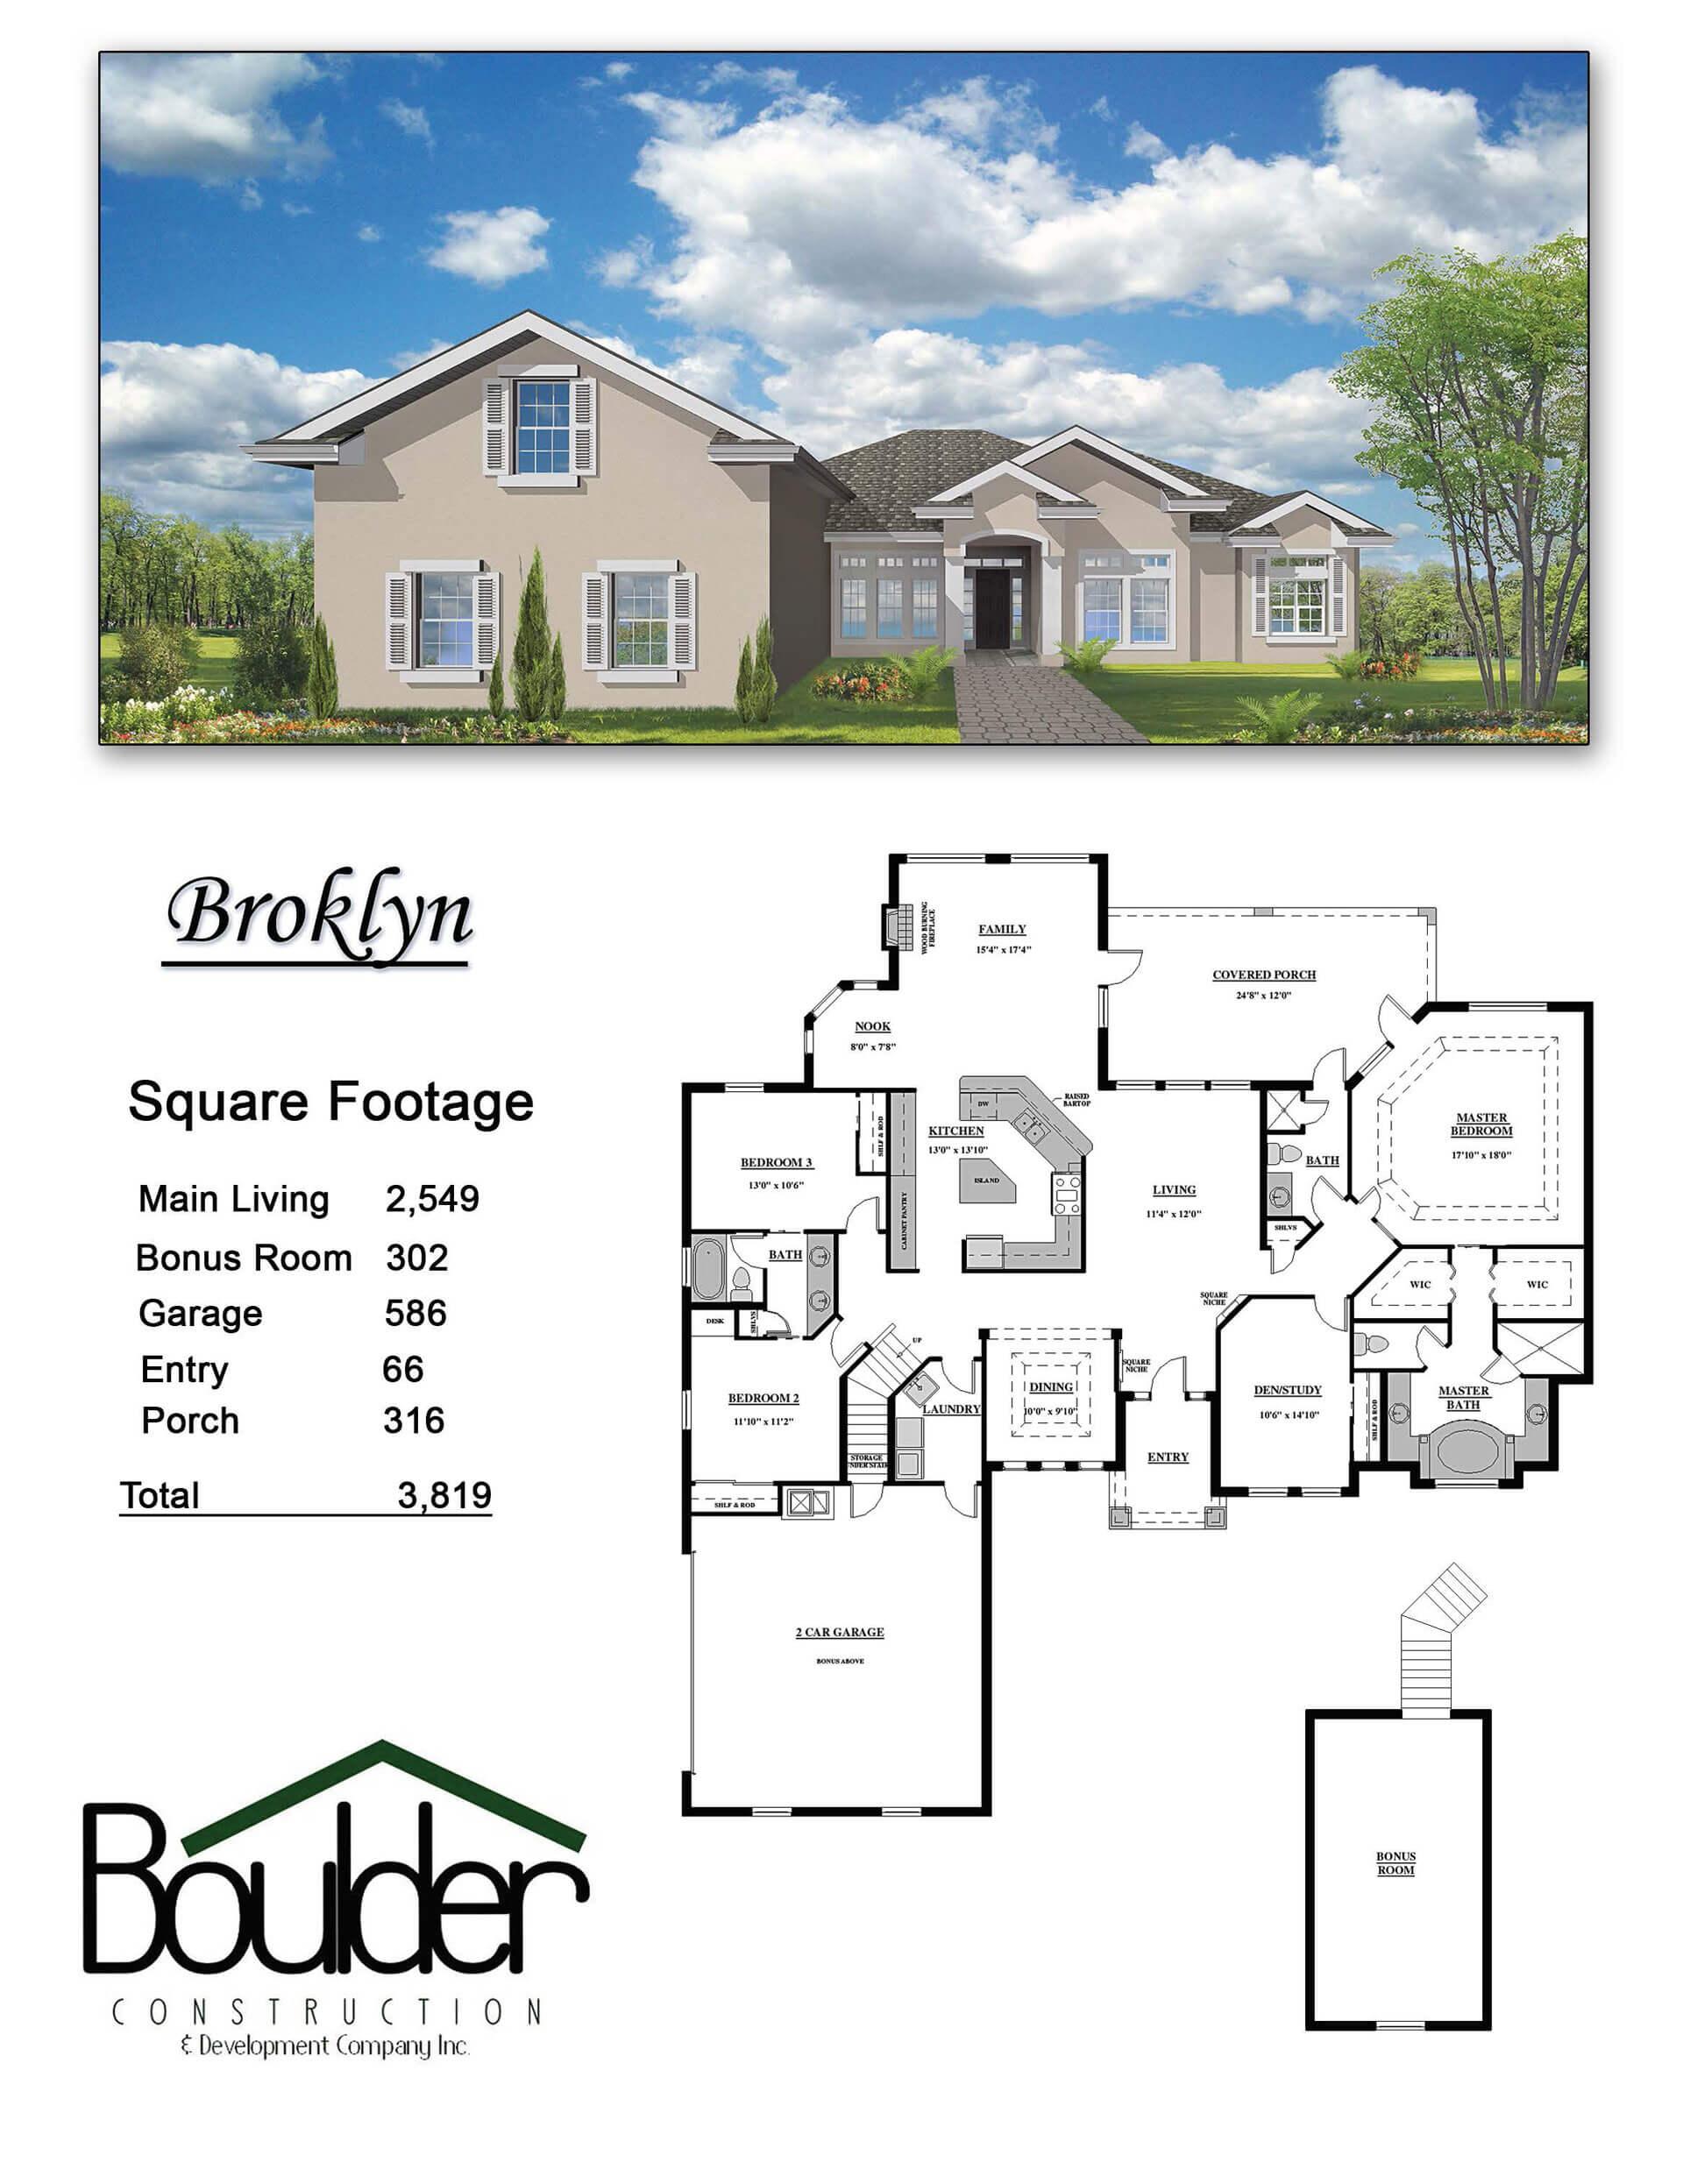 boulder-construction-broklyn-floor-plan